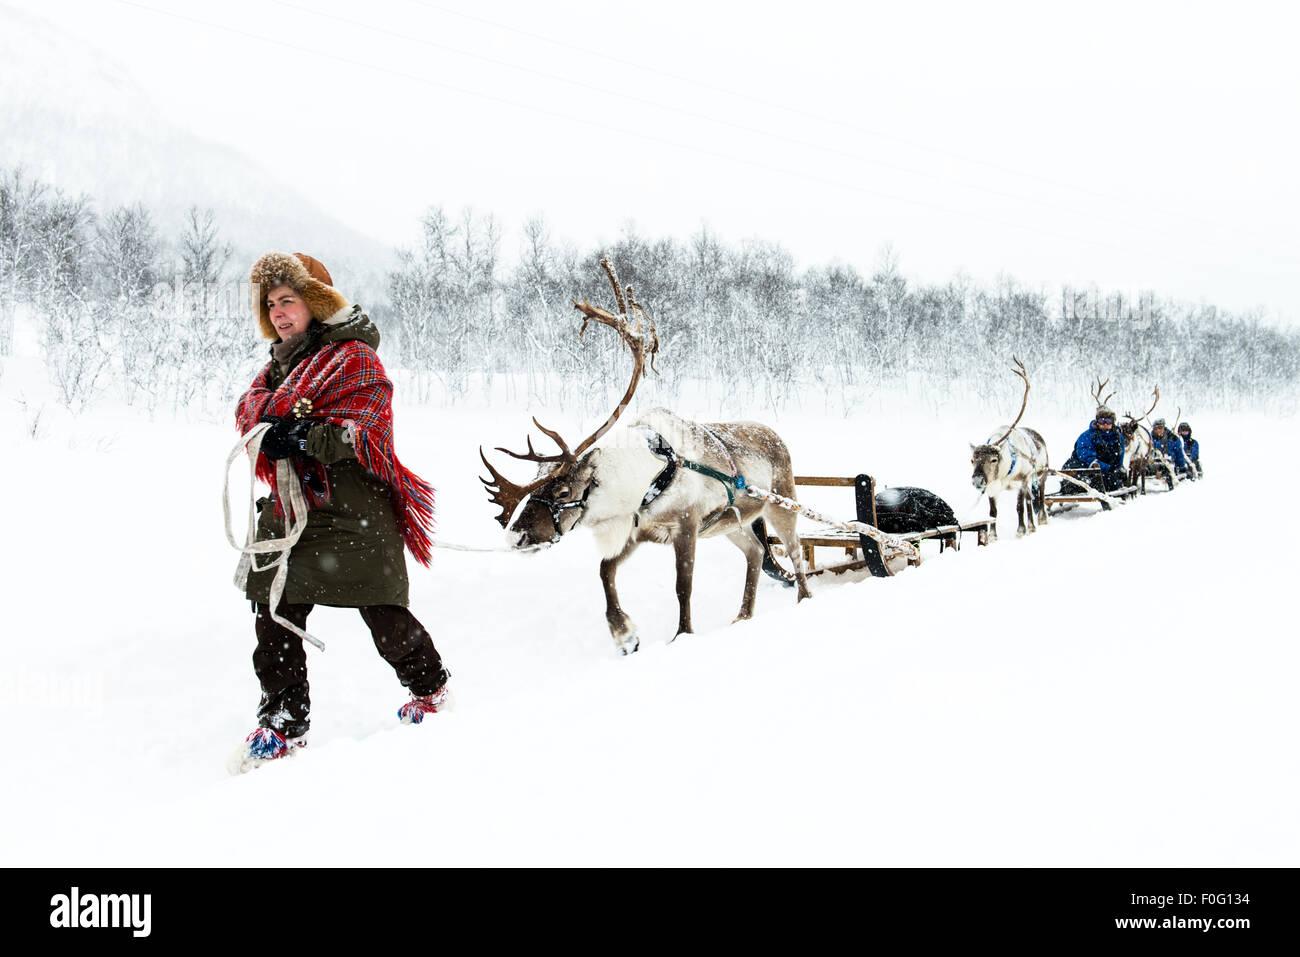 Sami renne herder principali corse su slitte trainate da renne Camp Tamok Lapponia Norvegia Scandinavia Immagini Stock